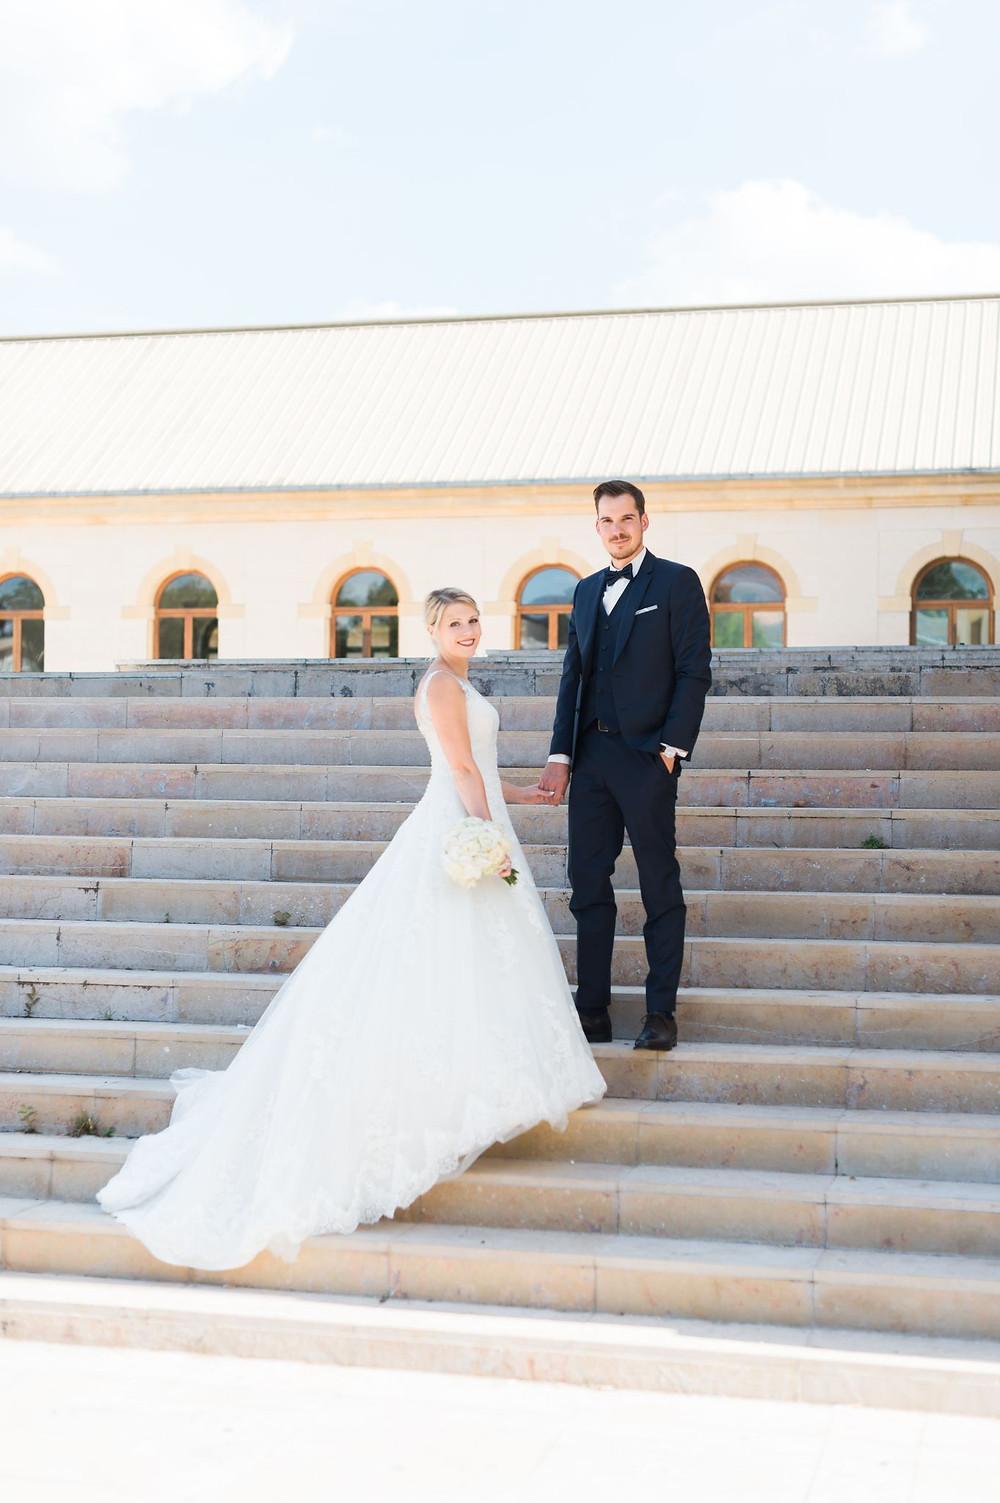 photographe mariage couple mariés arsenal metz saint pierre aux nonnains